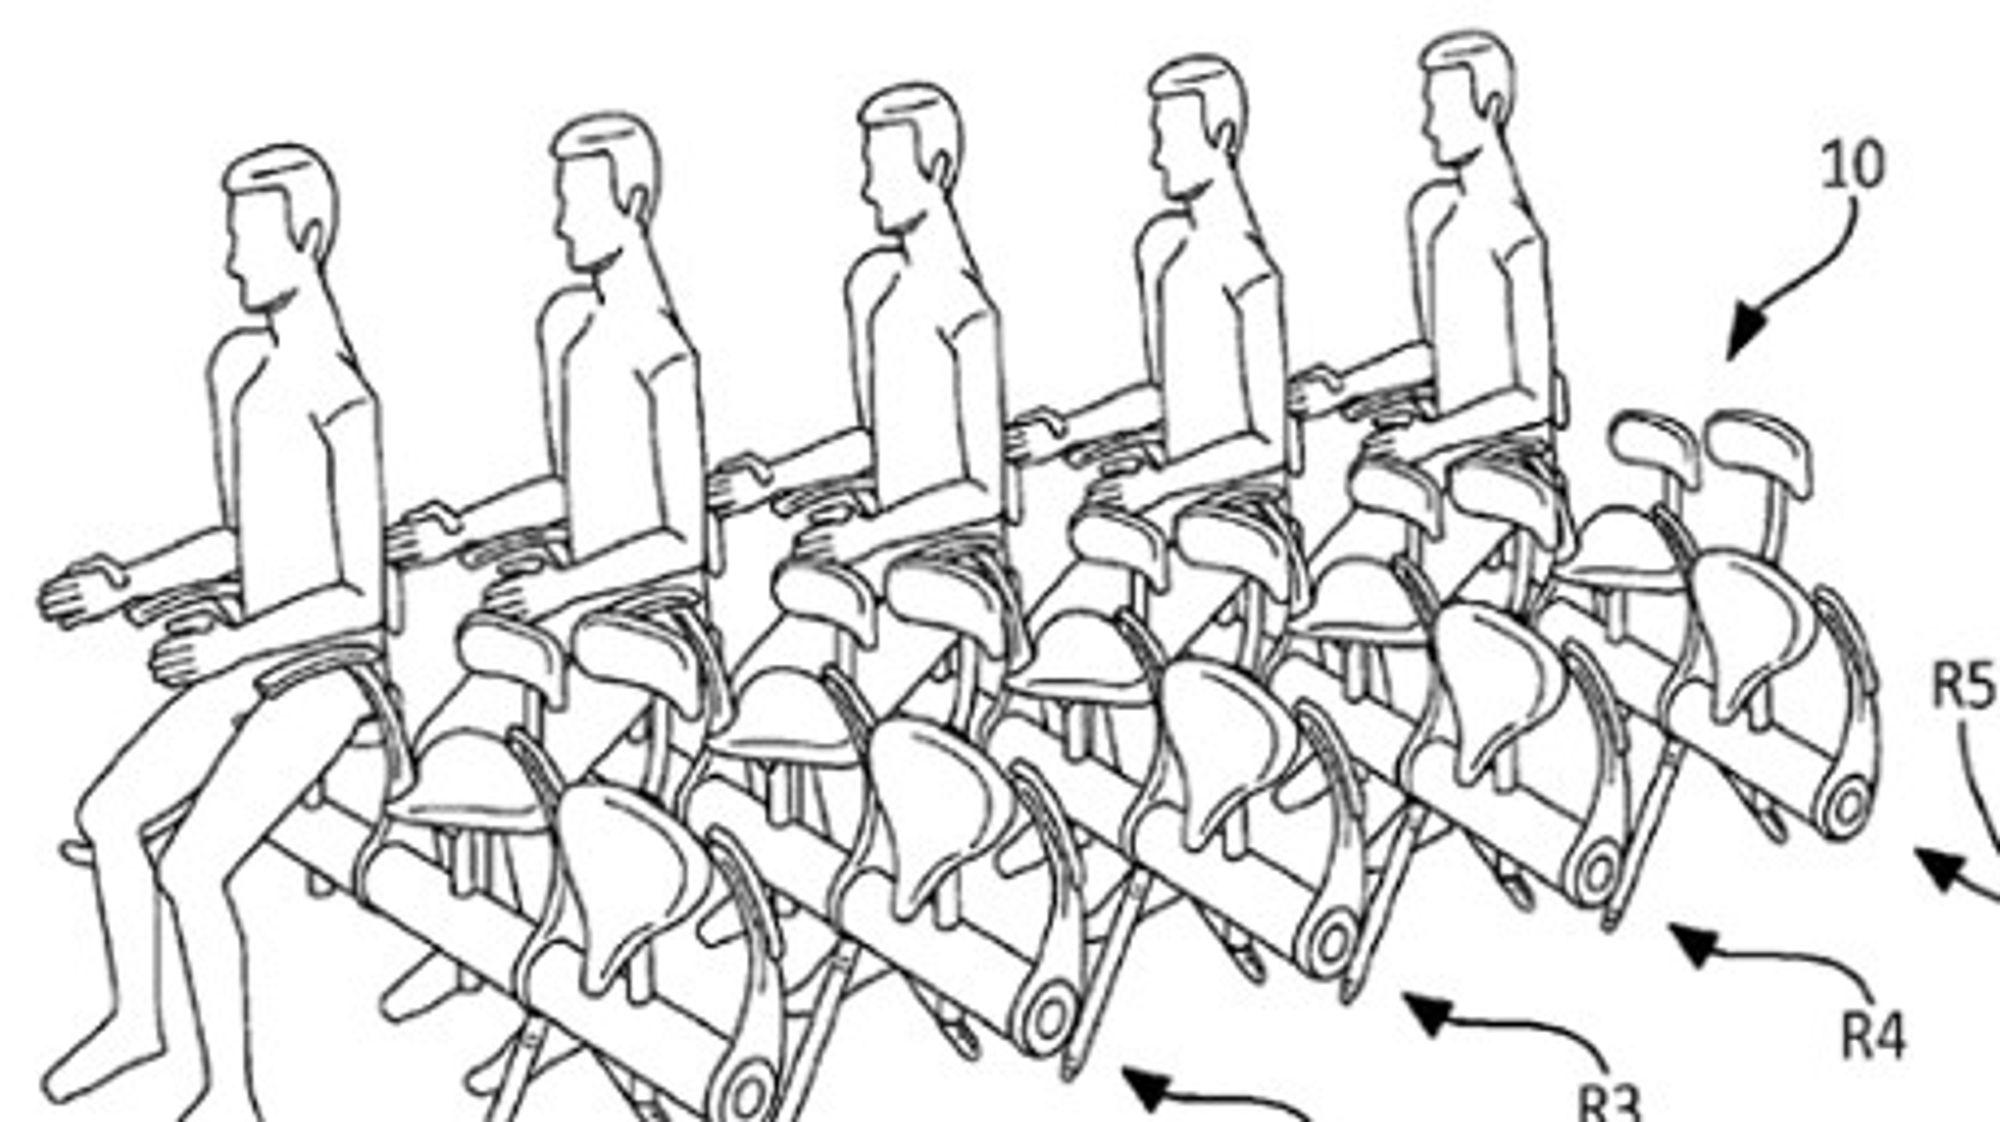 Et nytt stortingsvedtak skal gjøre det lettere for utenlandske aktører å søke patent i Norge. På bildet er Airbus sitt patent på en potensielt ny løsning for flyseter.